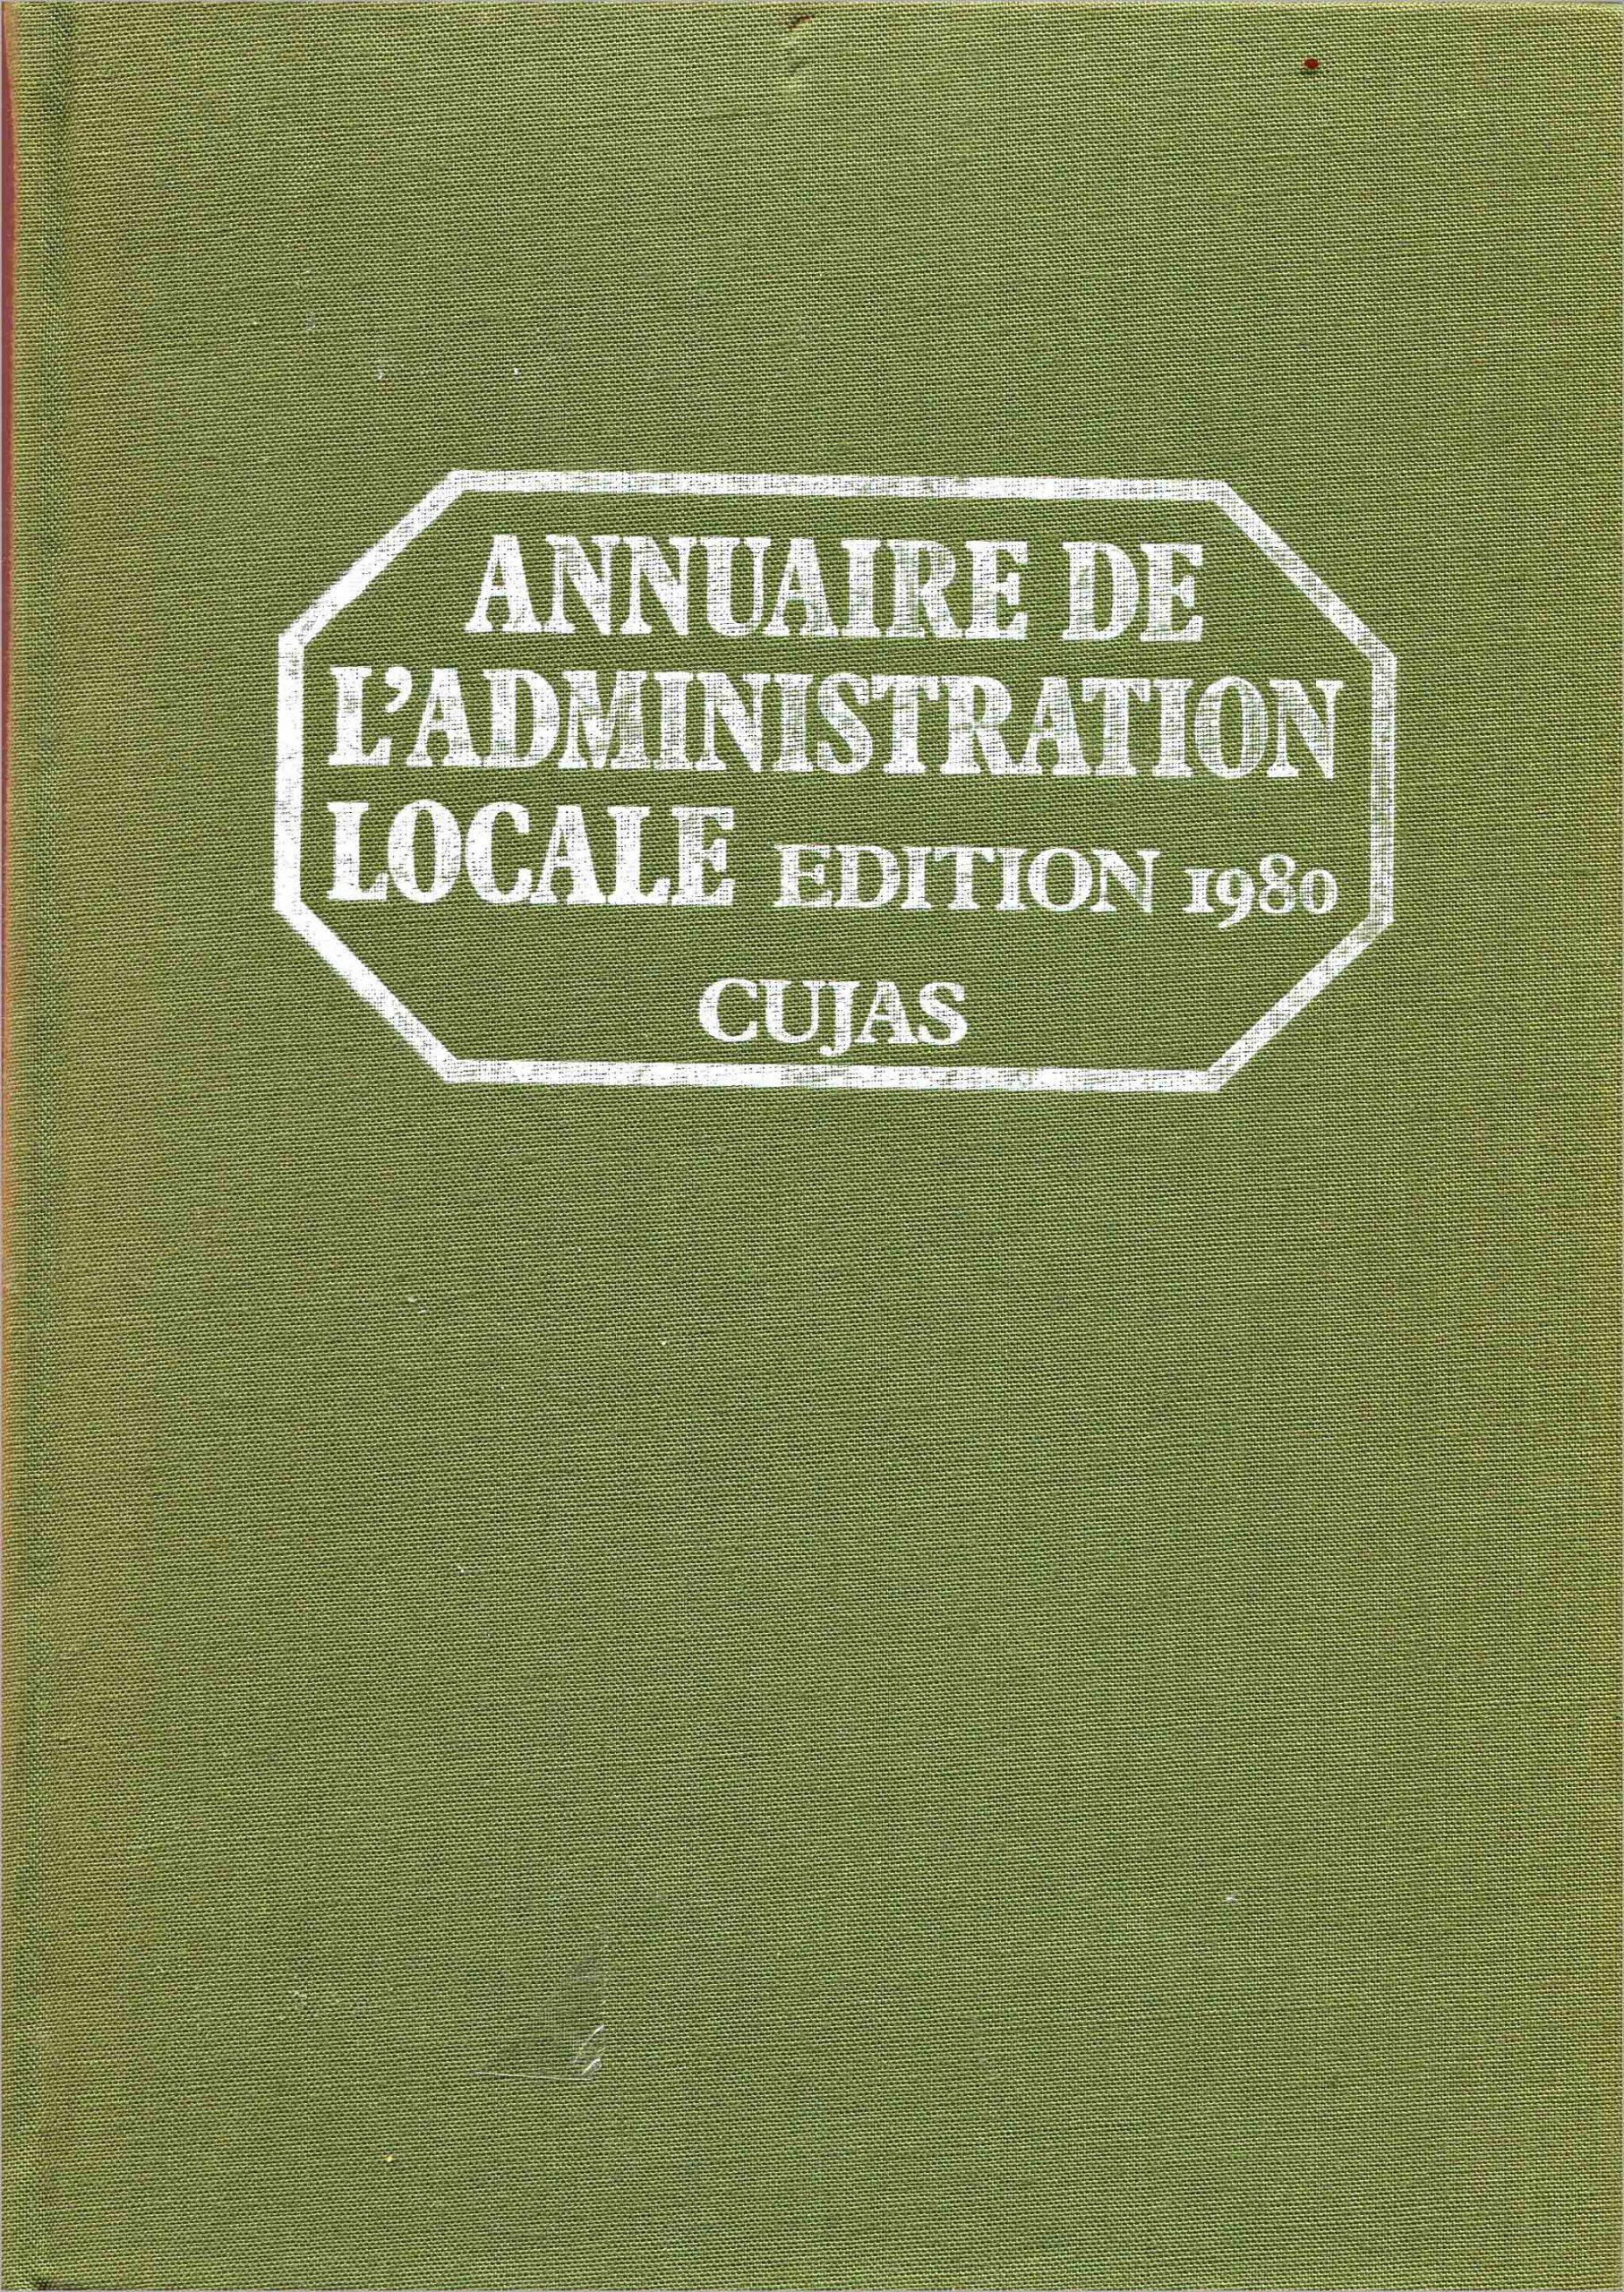 Annuaire de l'Administration locale (communes, départements, régions) 1980